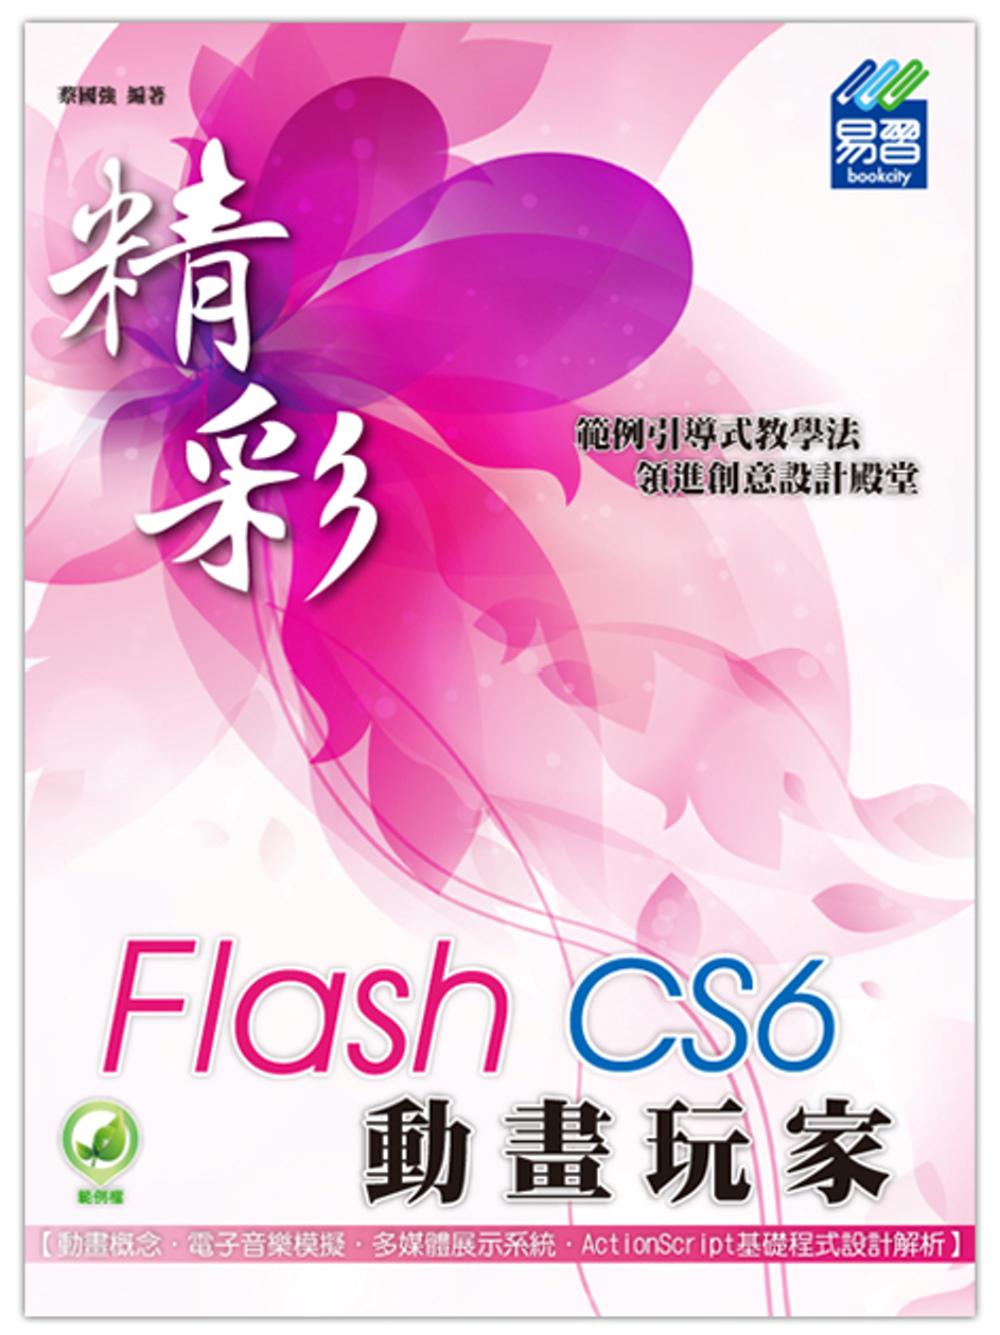 精彩 Flash CS6 動畫...